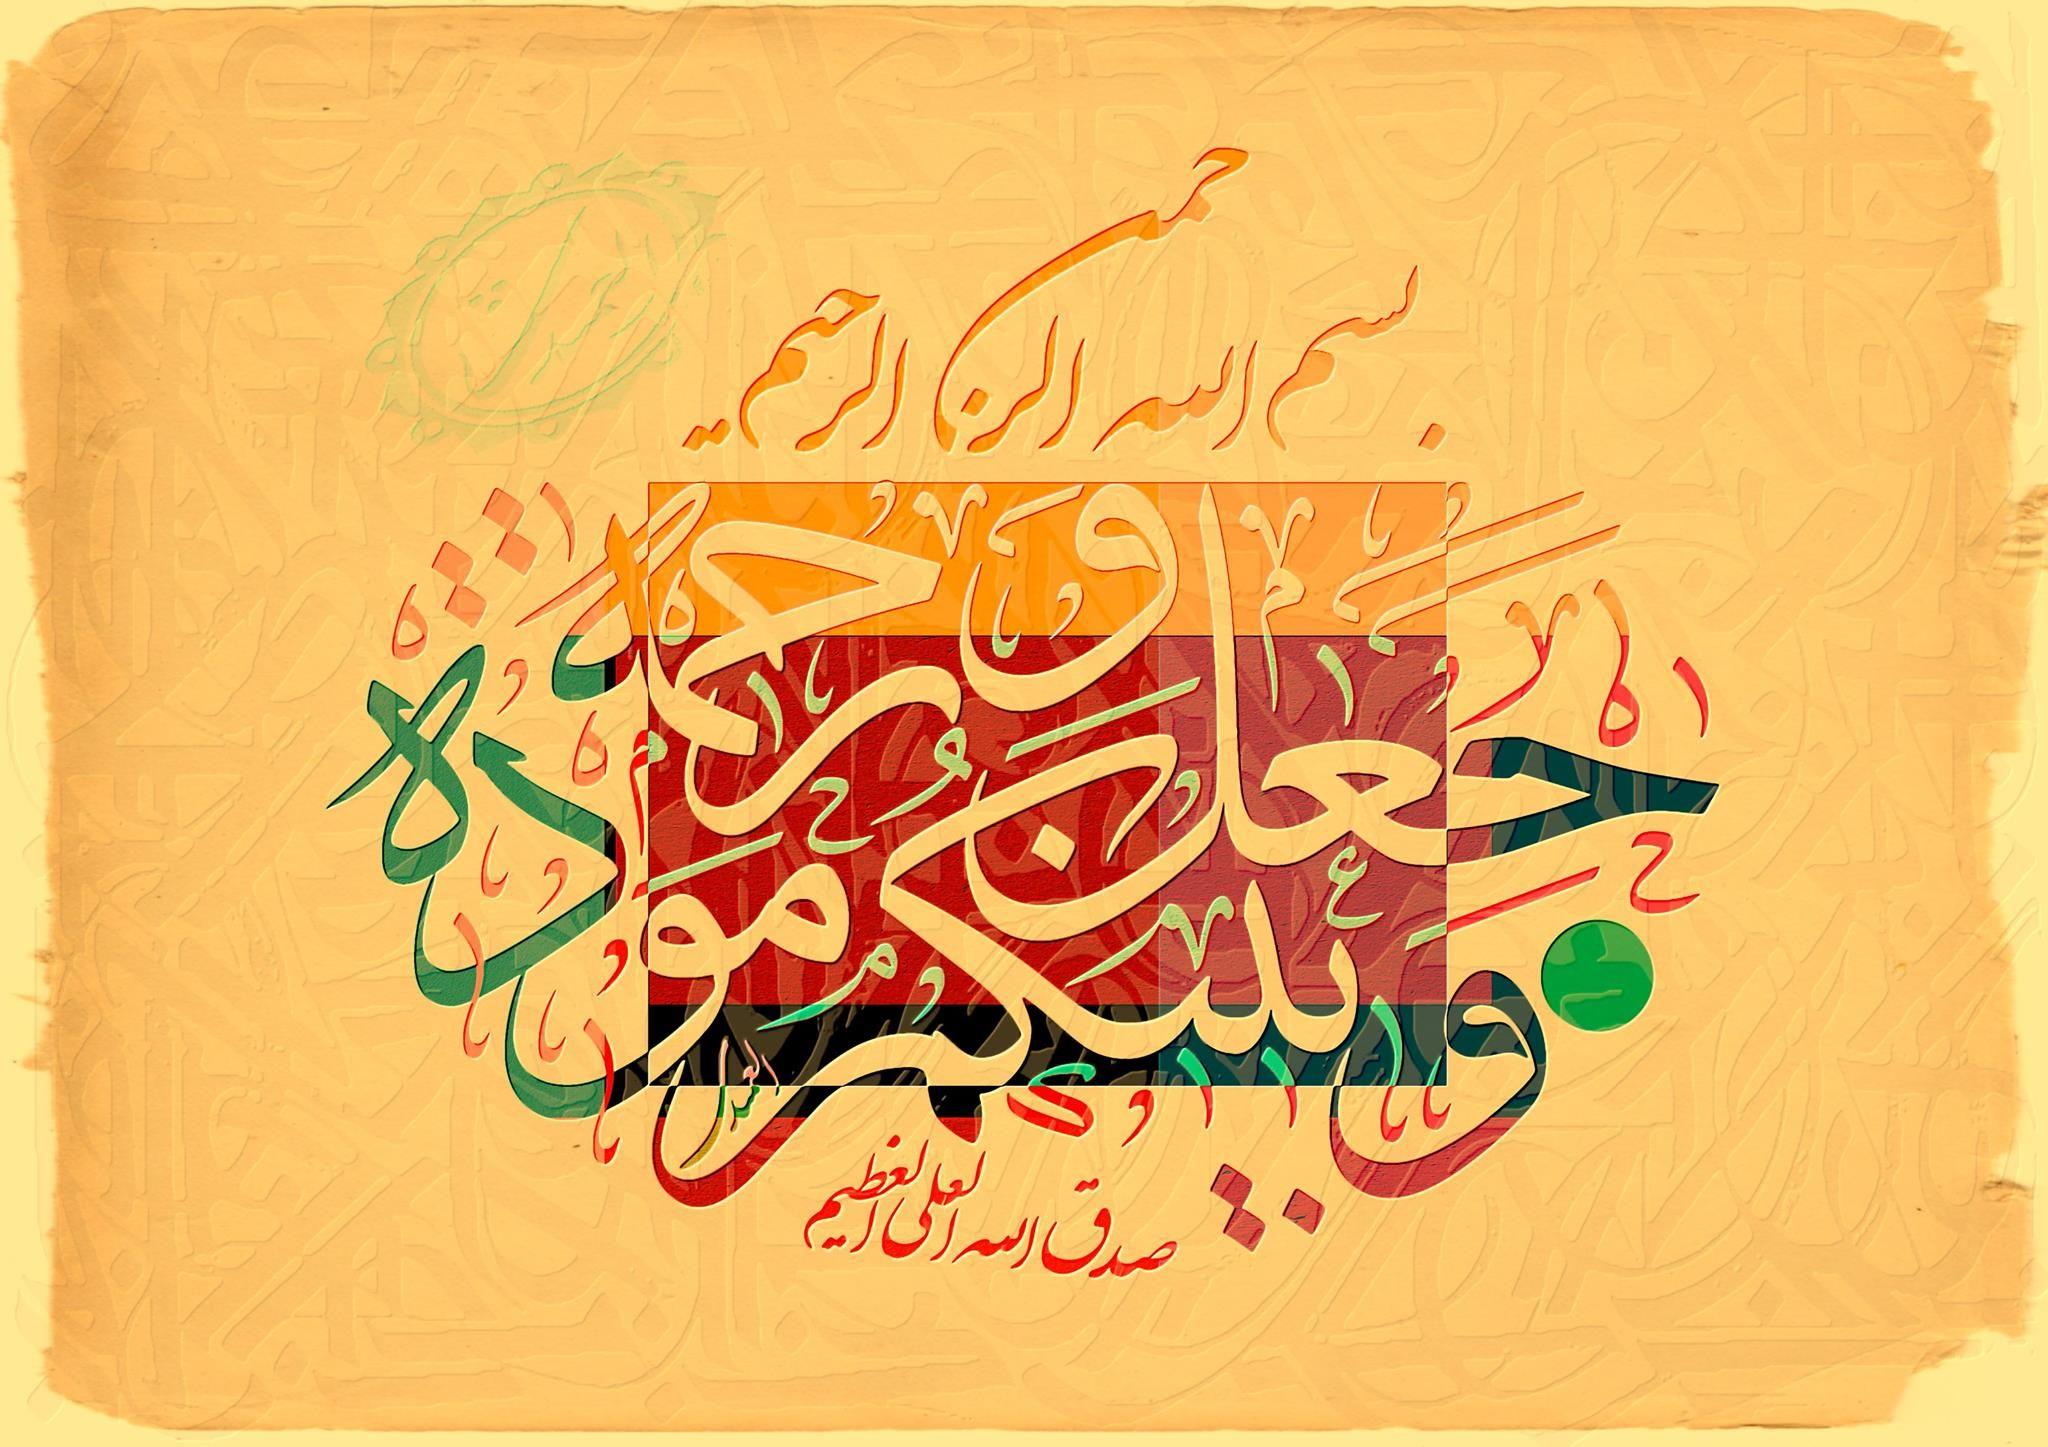 وجعل بينكم مودة ورحمة الروم 21 Islamic Art Calligraphy Islamic Calligraphy Islamic Art